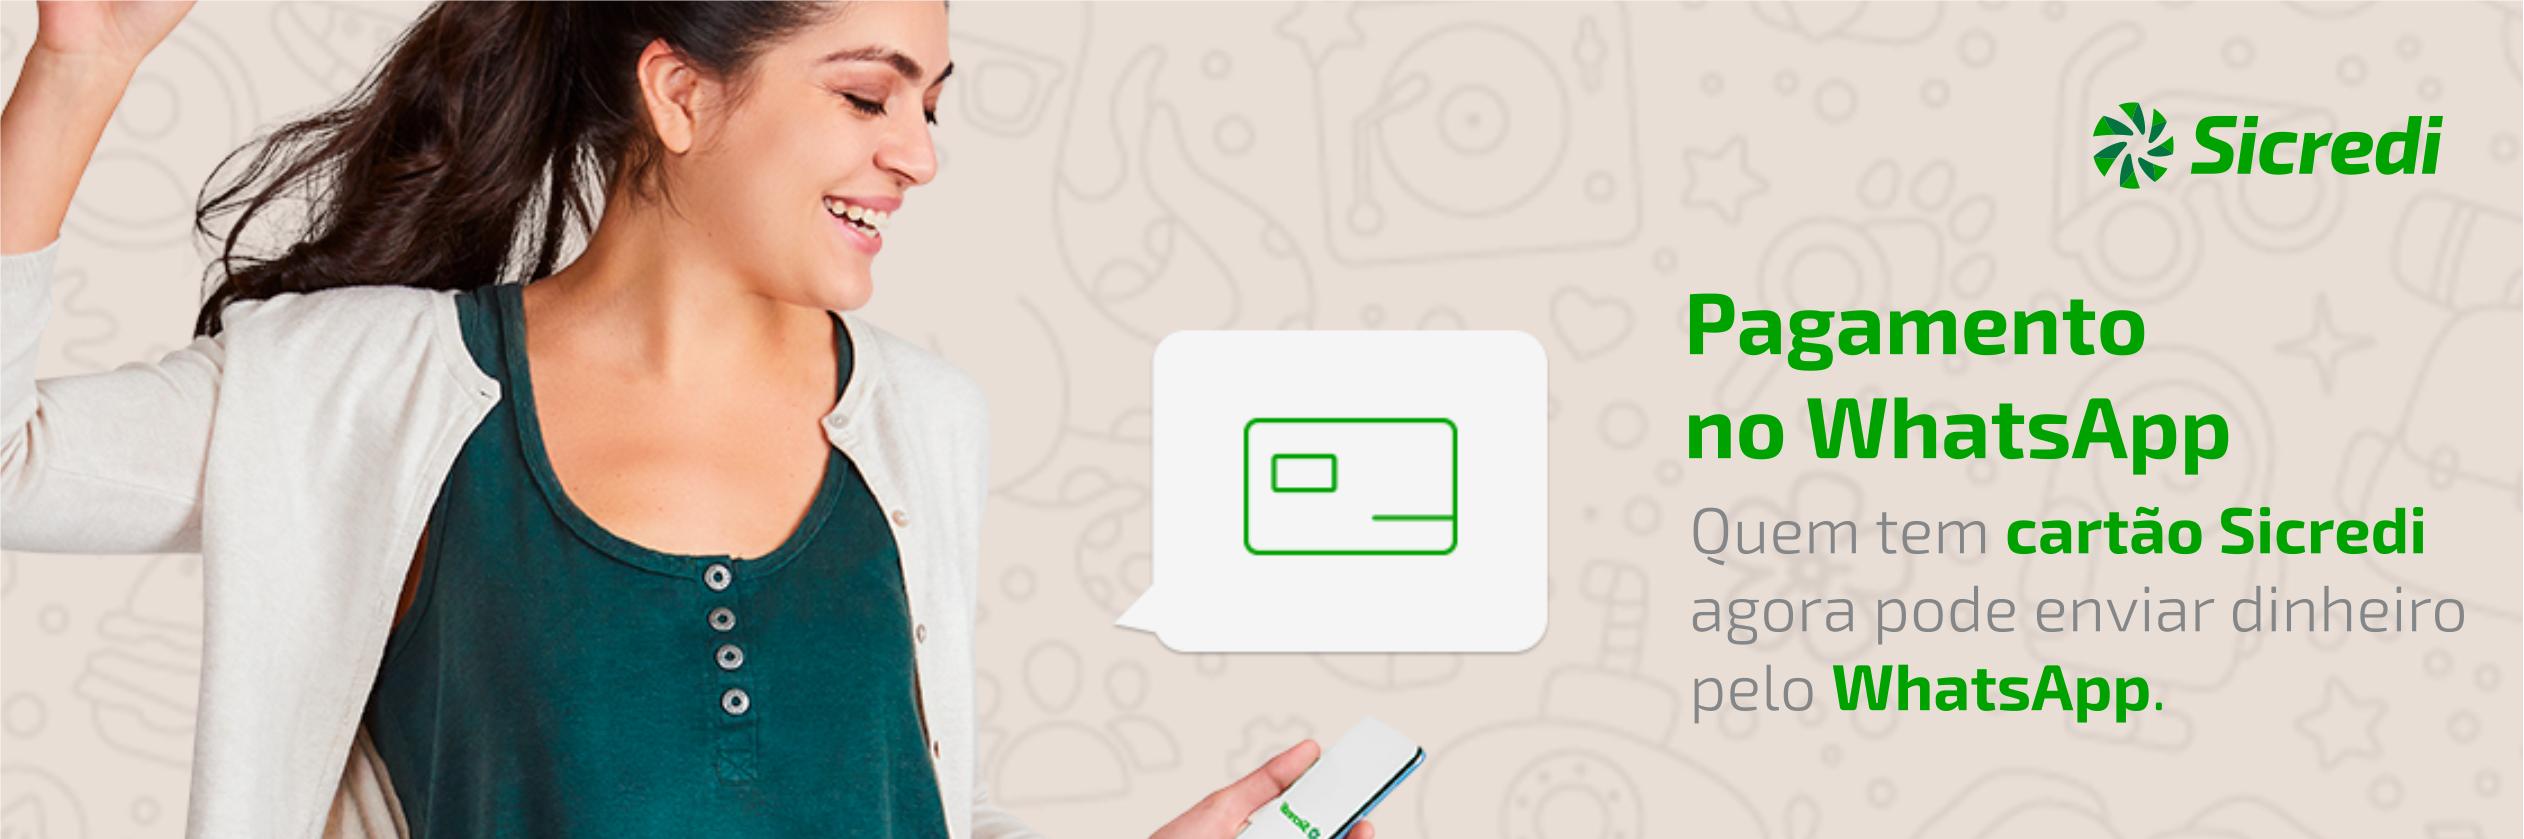 Agora você pode usar o WhatsApp para pagamentos no Sicredi!